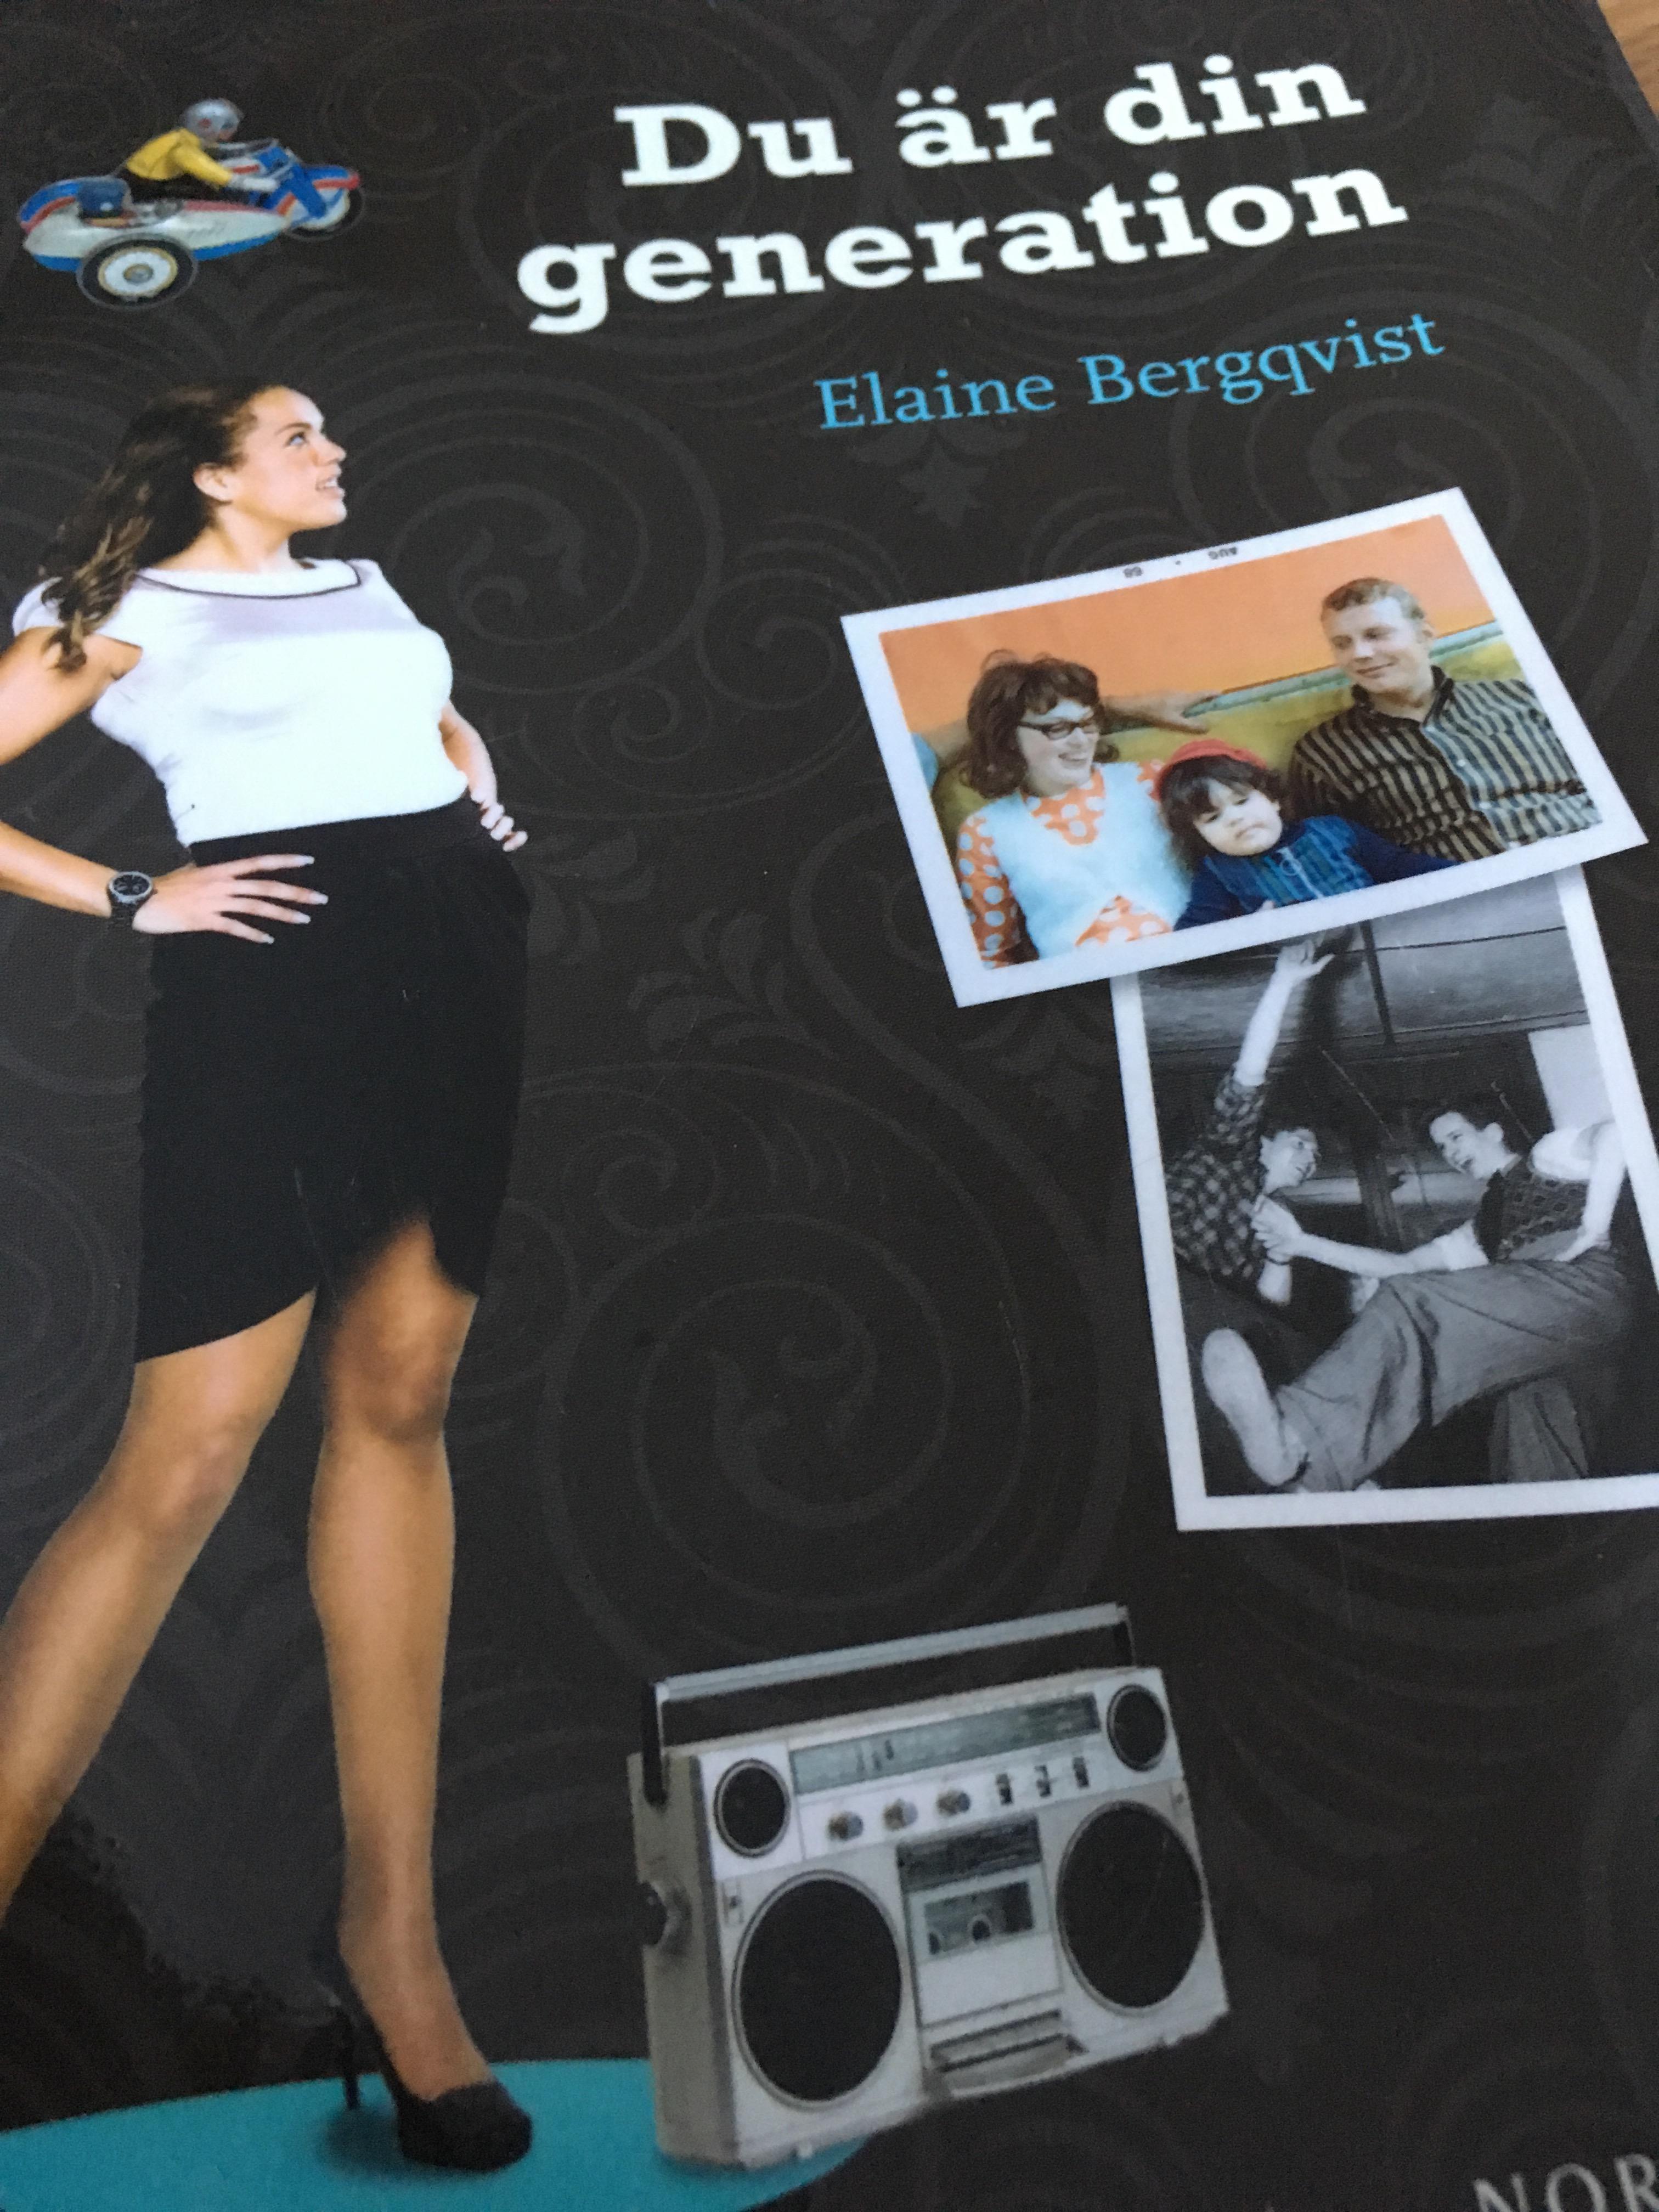 Du är din generation av Elaine Bergqvist, numera Elaine Eksvärd